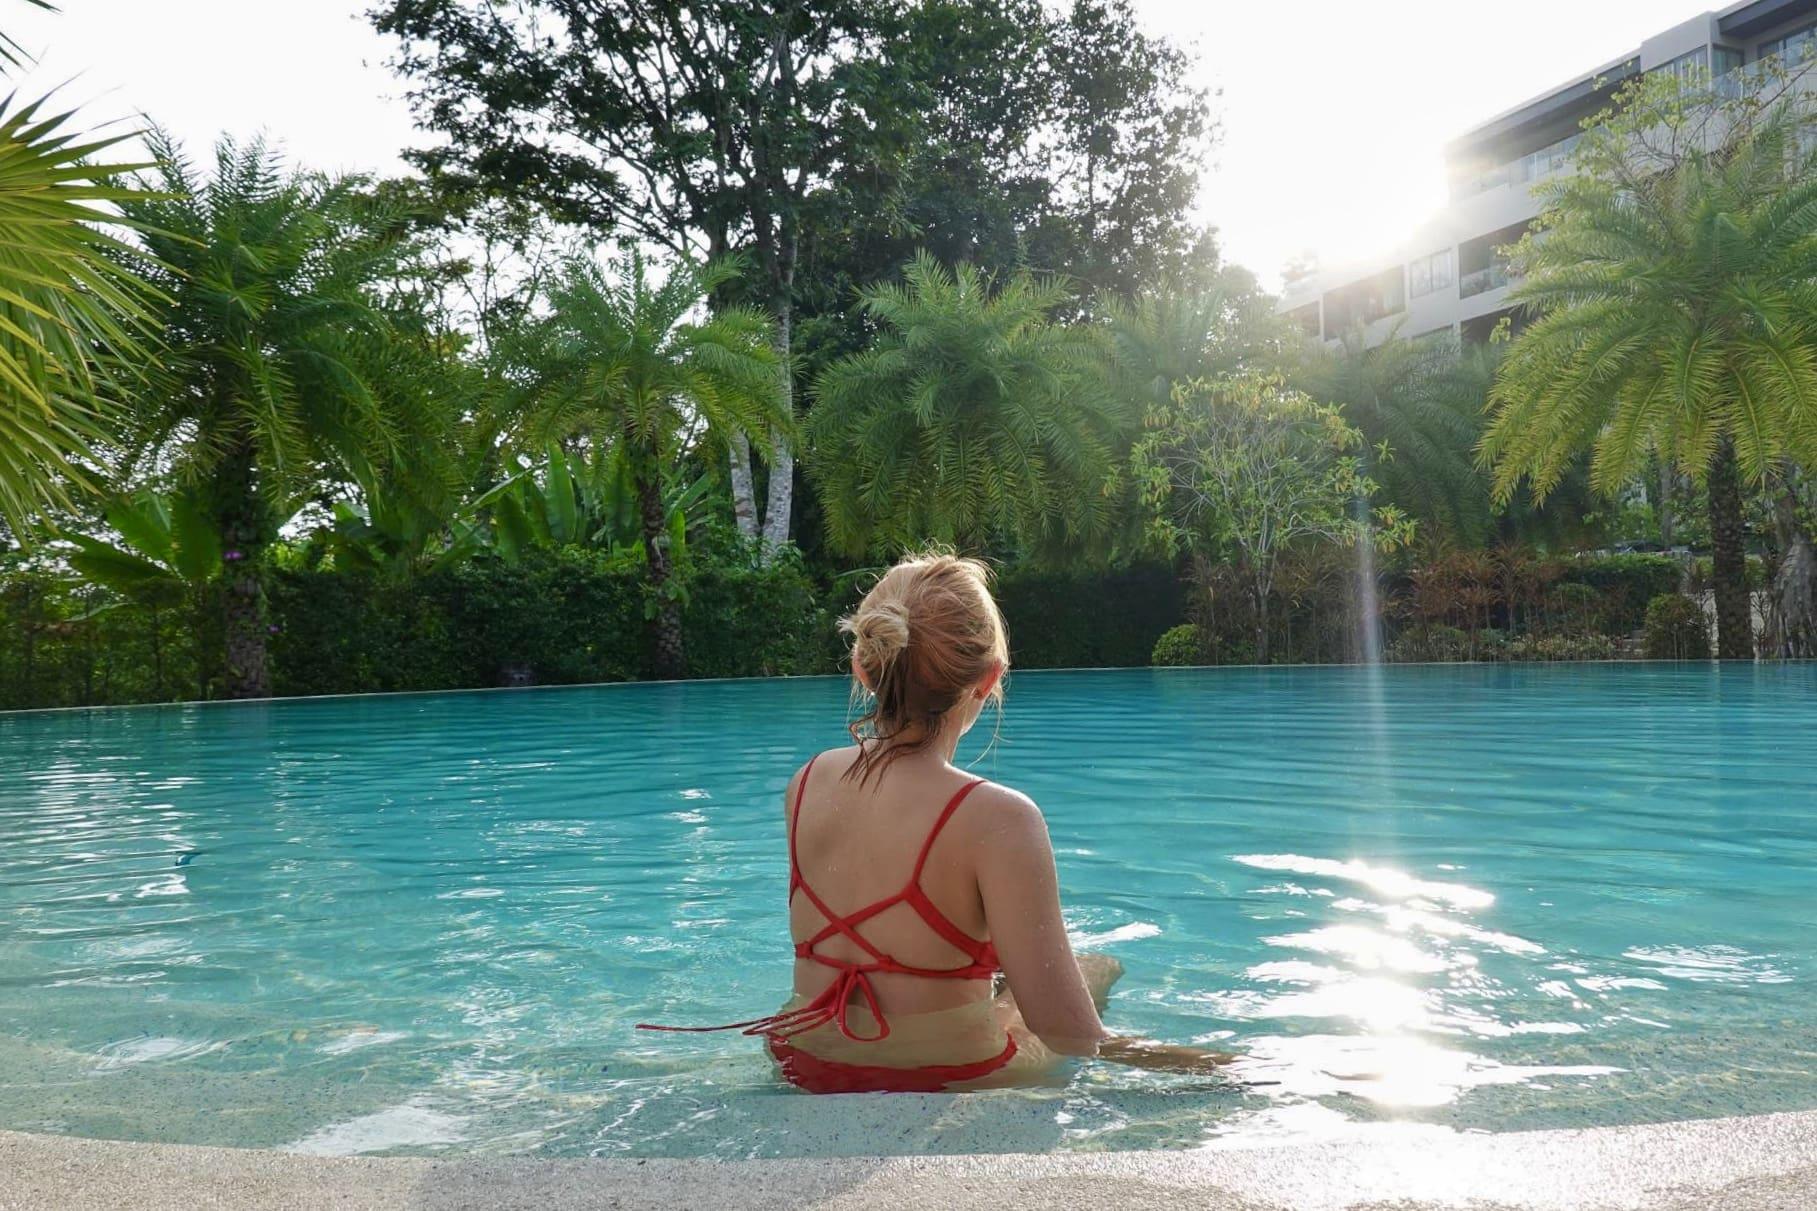 nghỉ ngơi tại hồ bơi